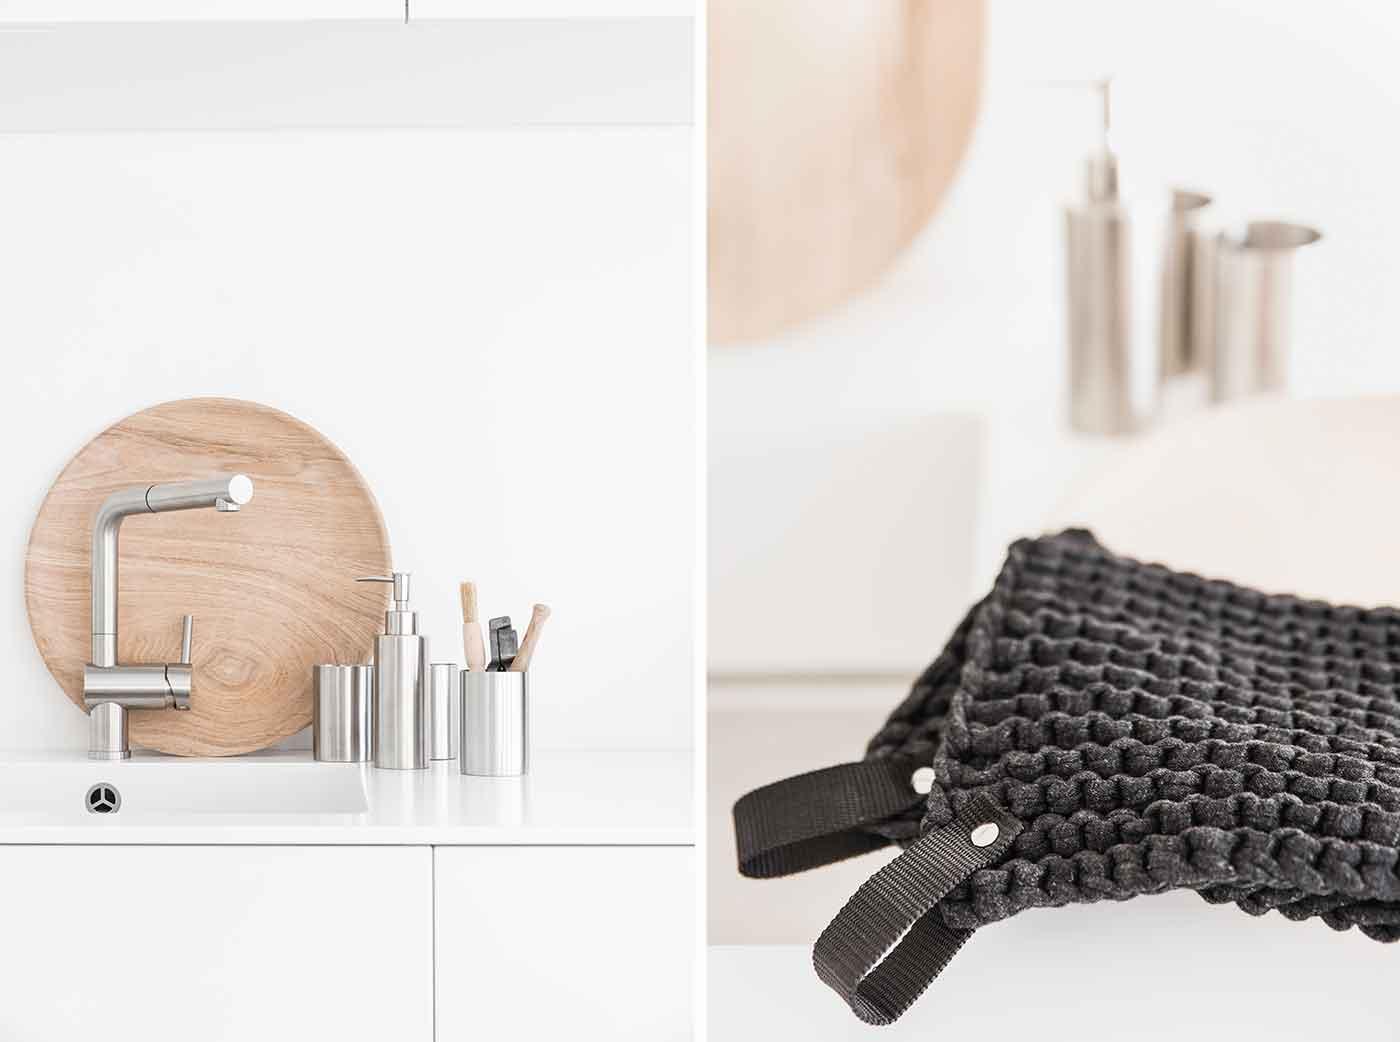 Seifenspender für Spülmittel - dekorative Küchenutensilien